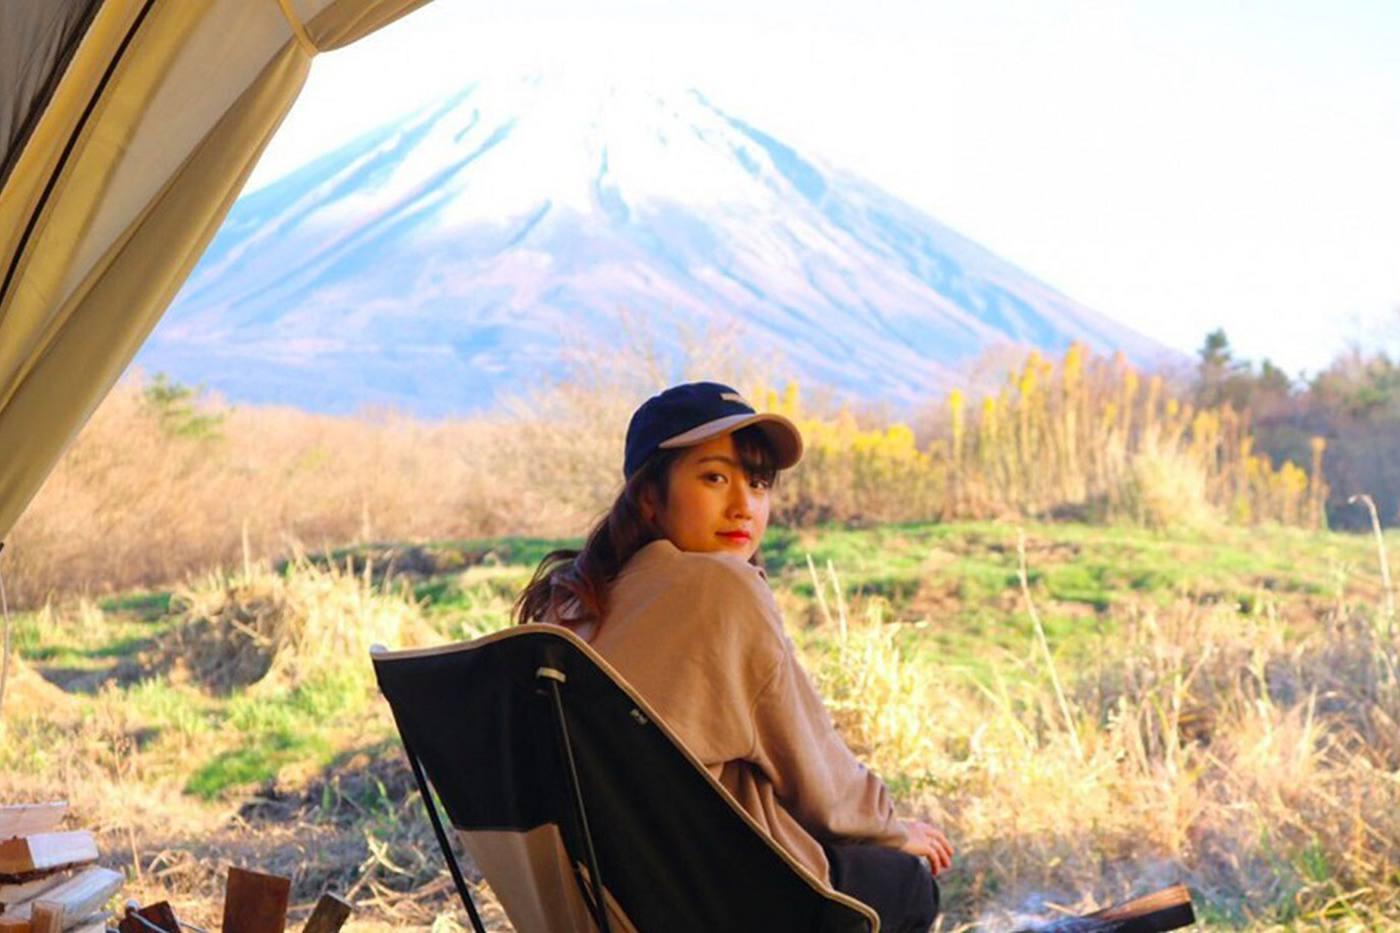 もっと早く知りたかった私のお気に入りキャンプ場&グランピング 施設 image